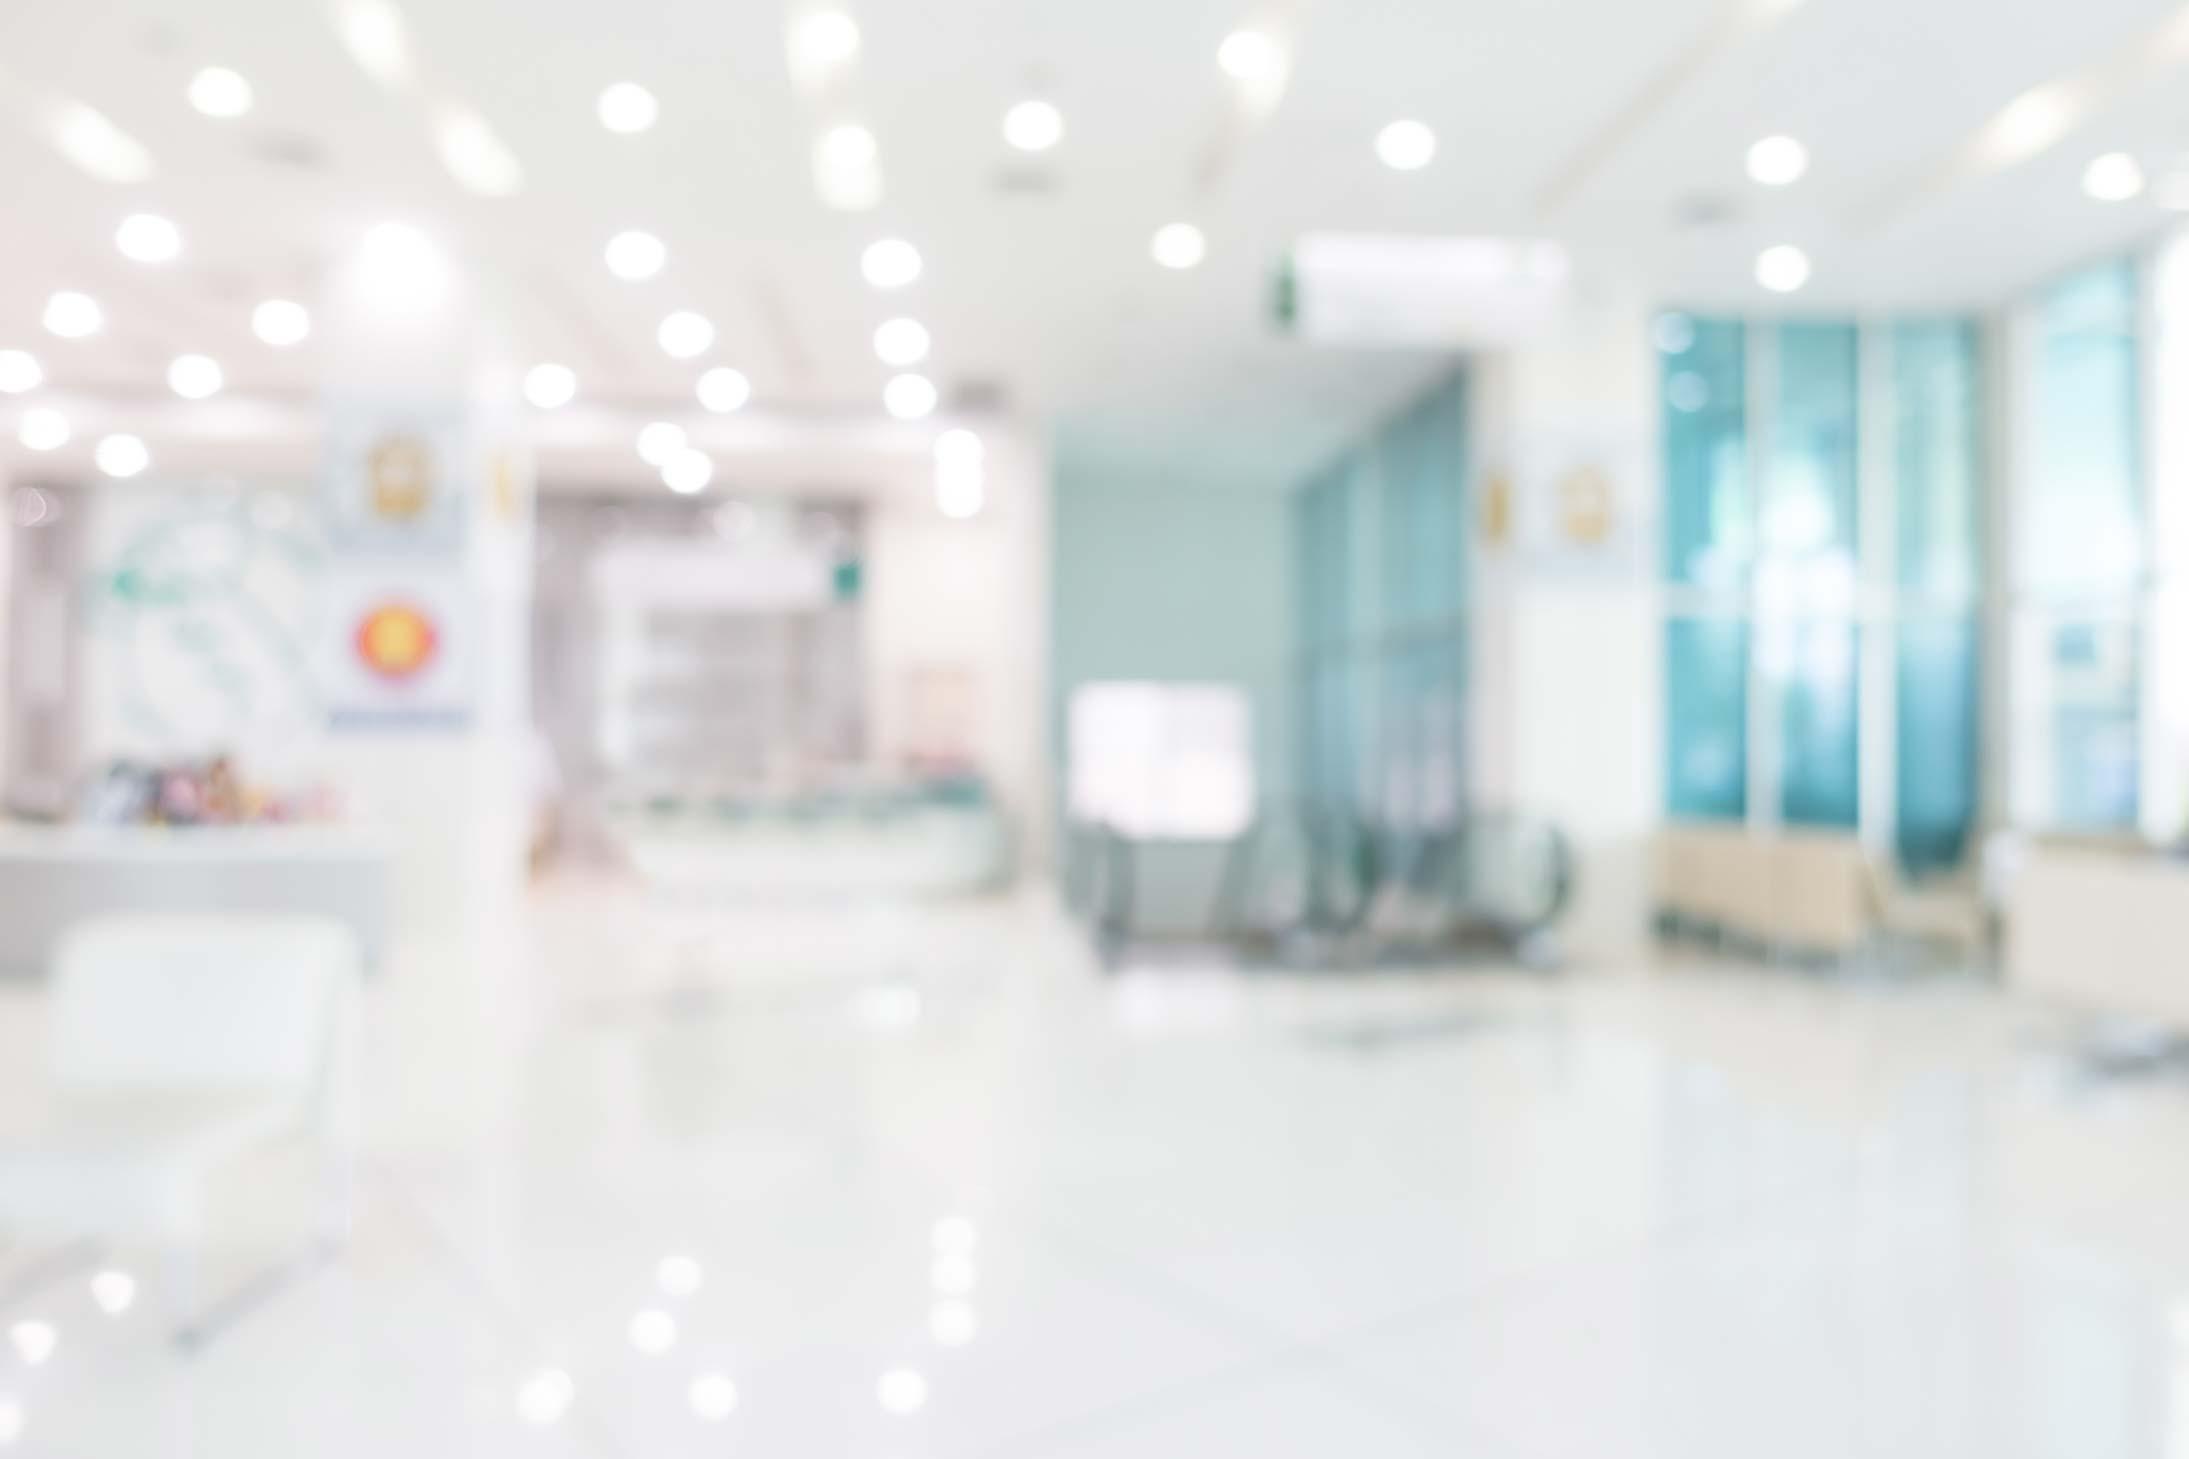 Bewegungsaktivierung: Man sieht einen Flur einer Reha-Klinik in unscharfer Darstellung